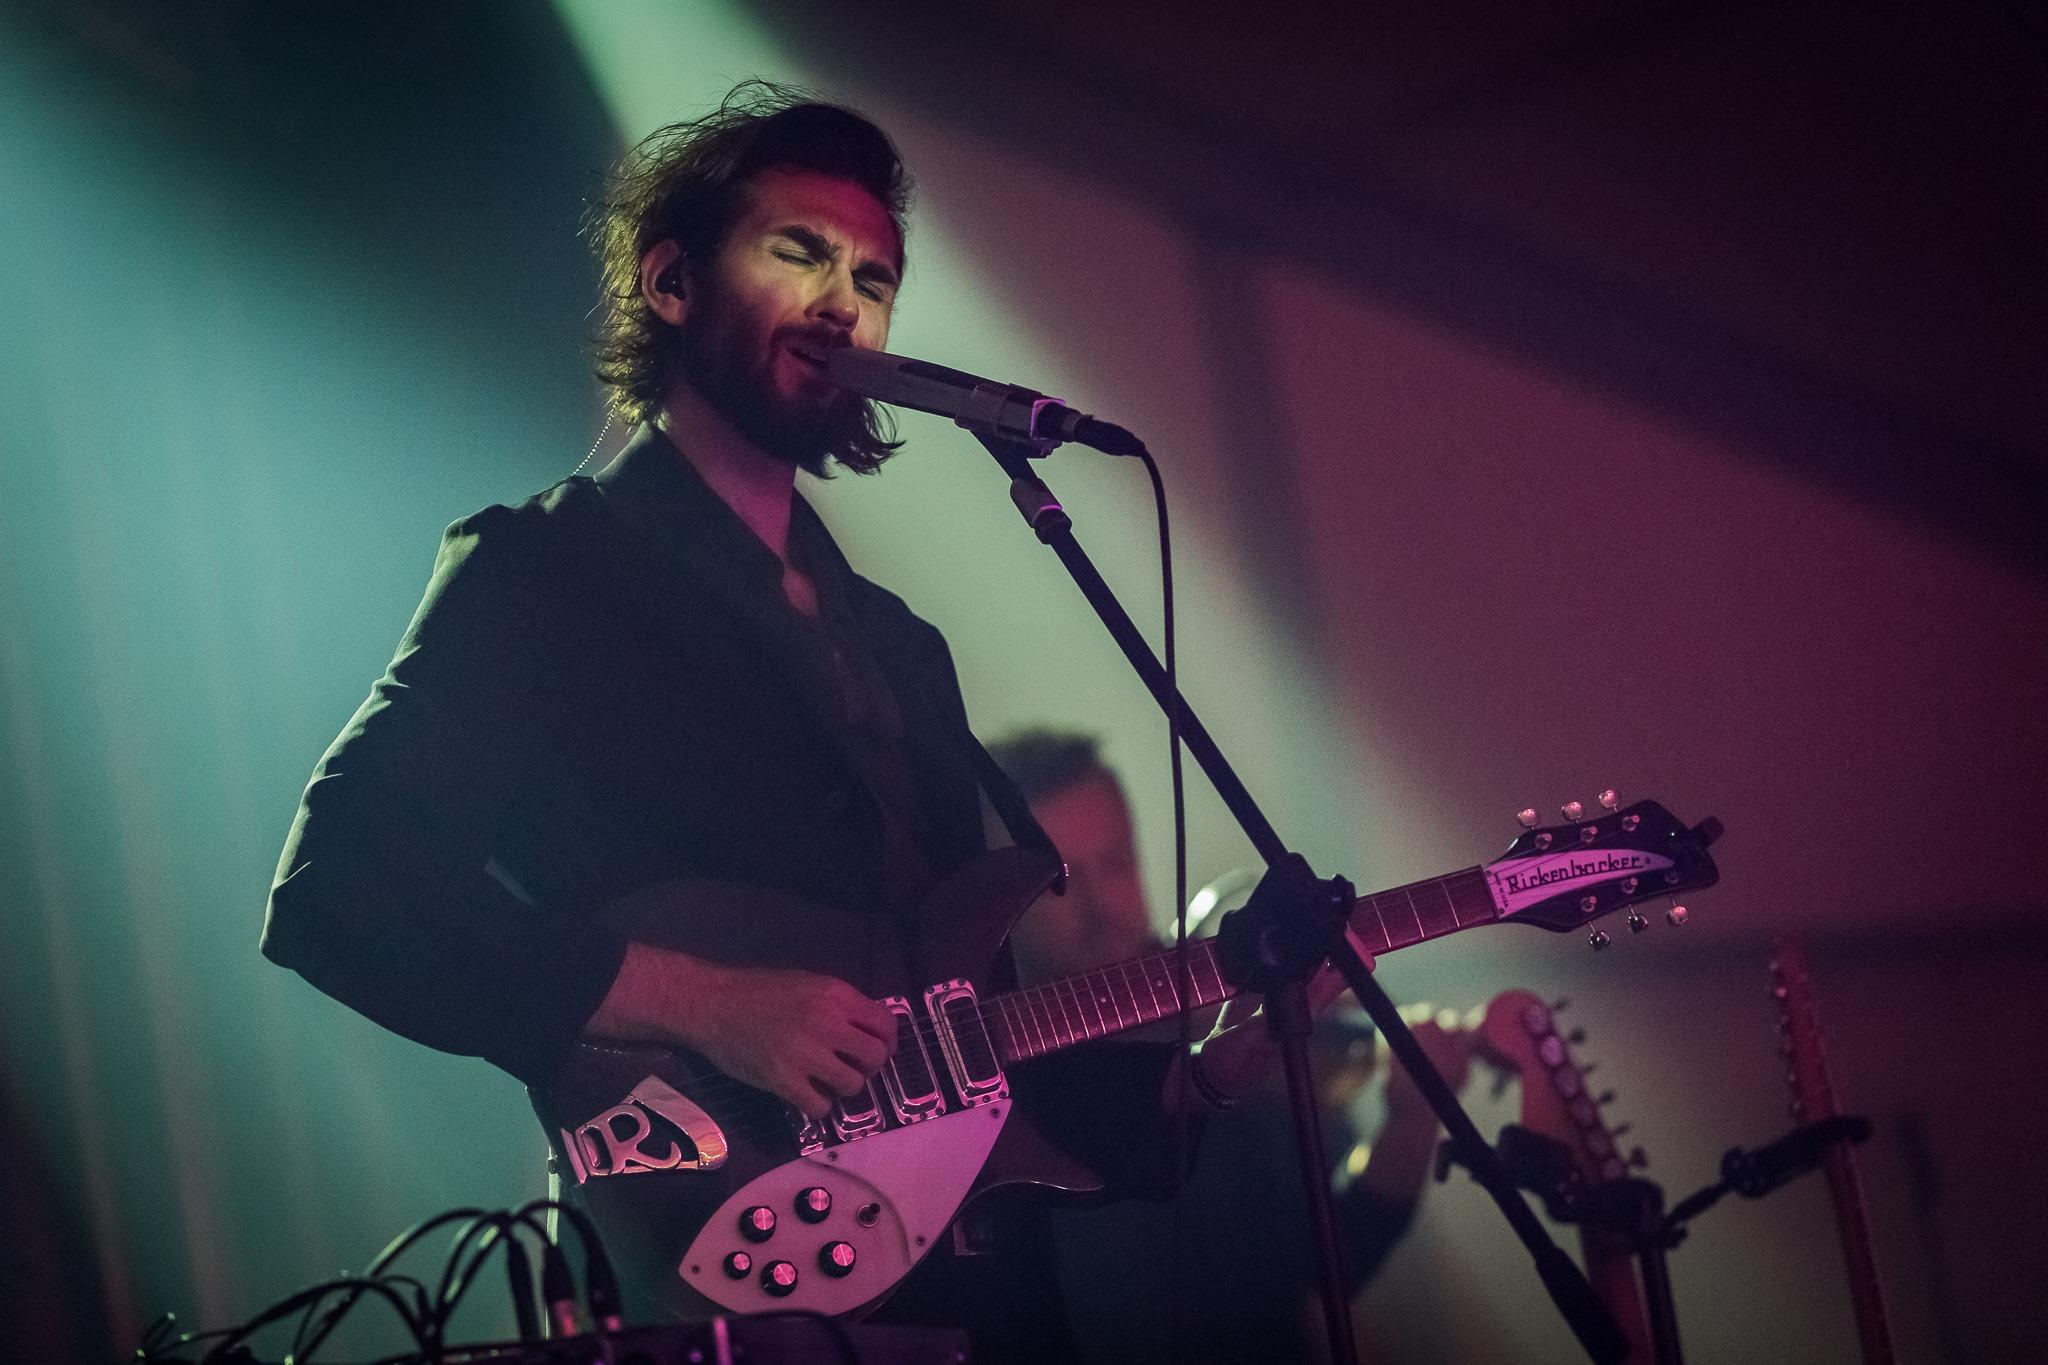 [Zdjęcie z koncertu Daniela Spanielaka. Mężczyzna śpiewa do mikrofonu umieszczonego na statywie i gra na gitarze. Ubrany jest w czarną koszulę oraz marynarkę. Ma dłuższe, ciemne włosy zaczesane do tyłu oraz delikatny ciemny zarost. W tle widać lekko rozmazaną sylwetkę mężczyzny grającego na skrzypcach. Oświetla ich niebiesko-różowe światło.]